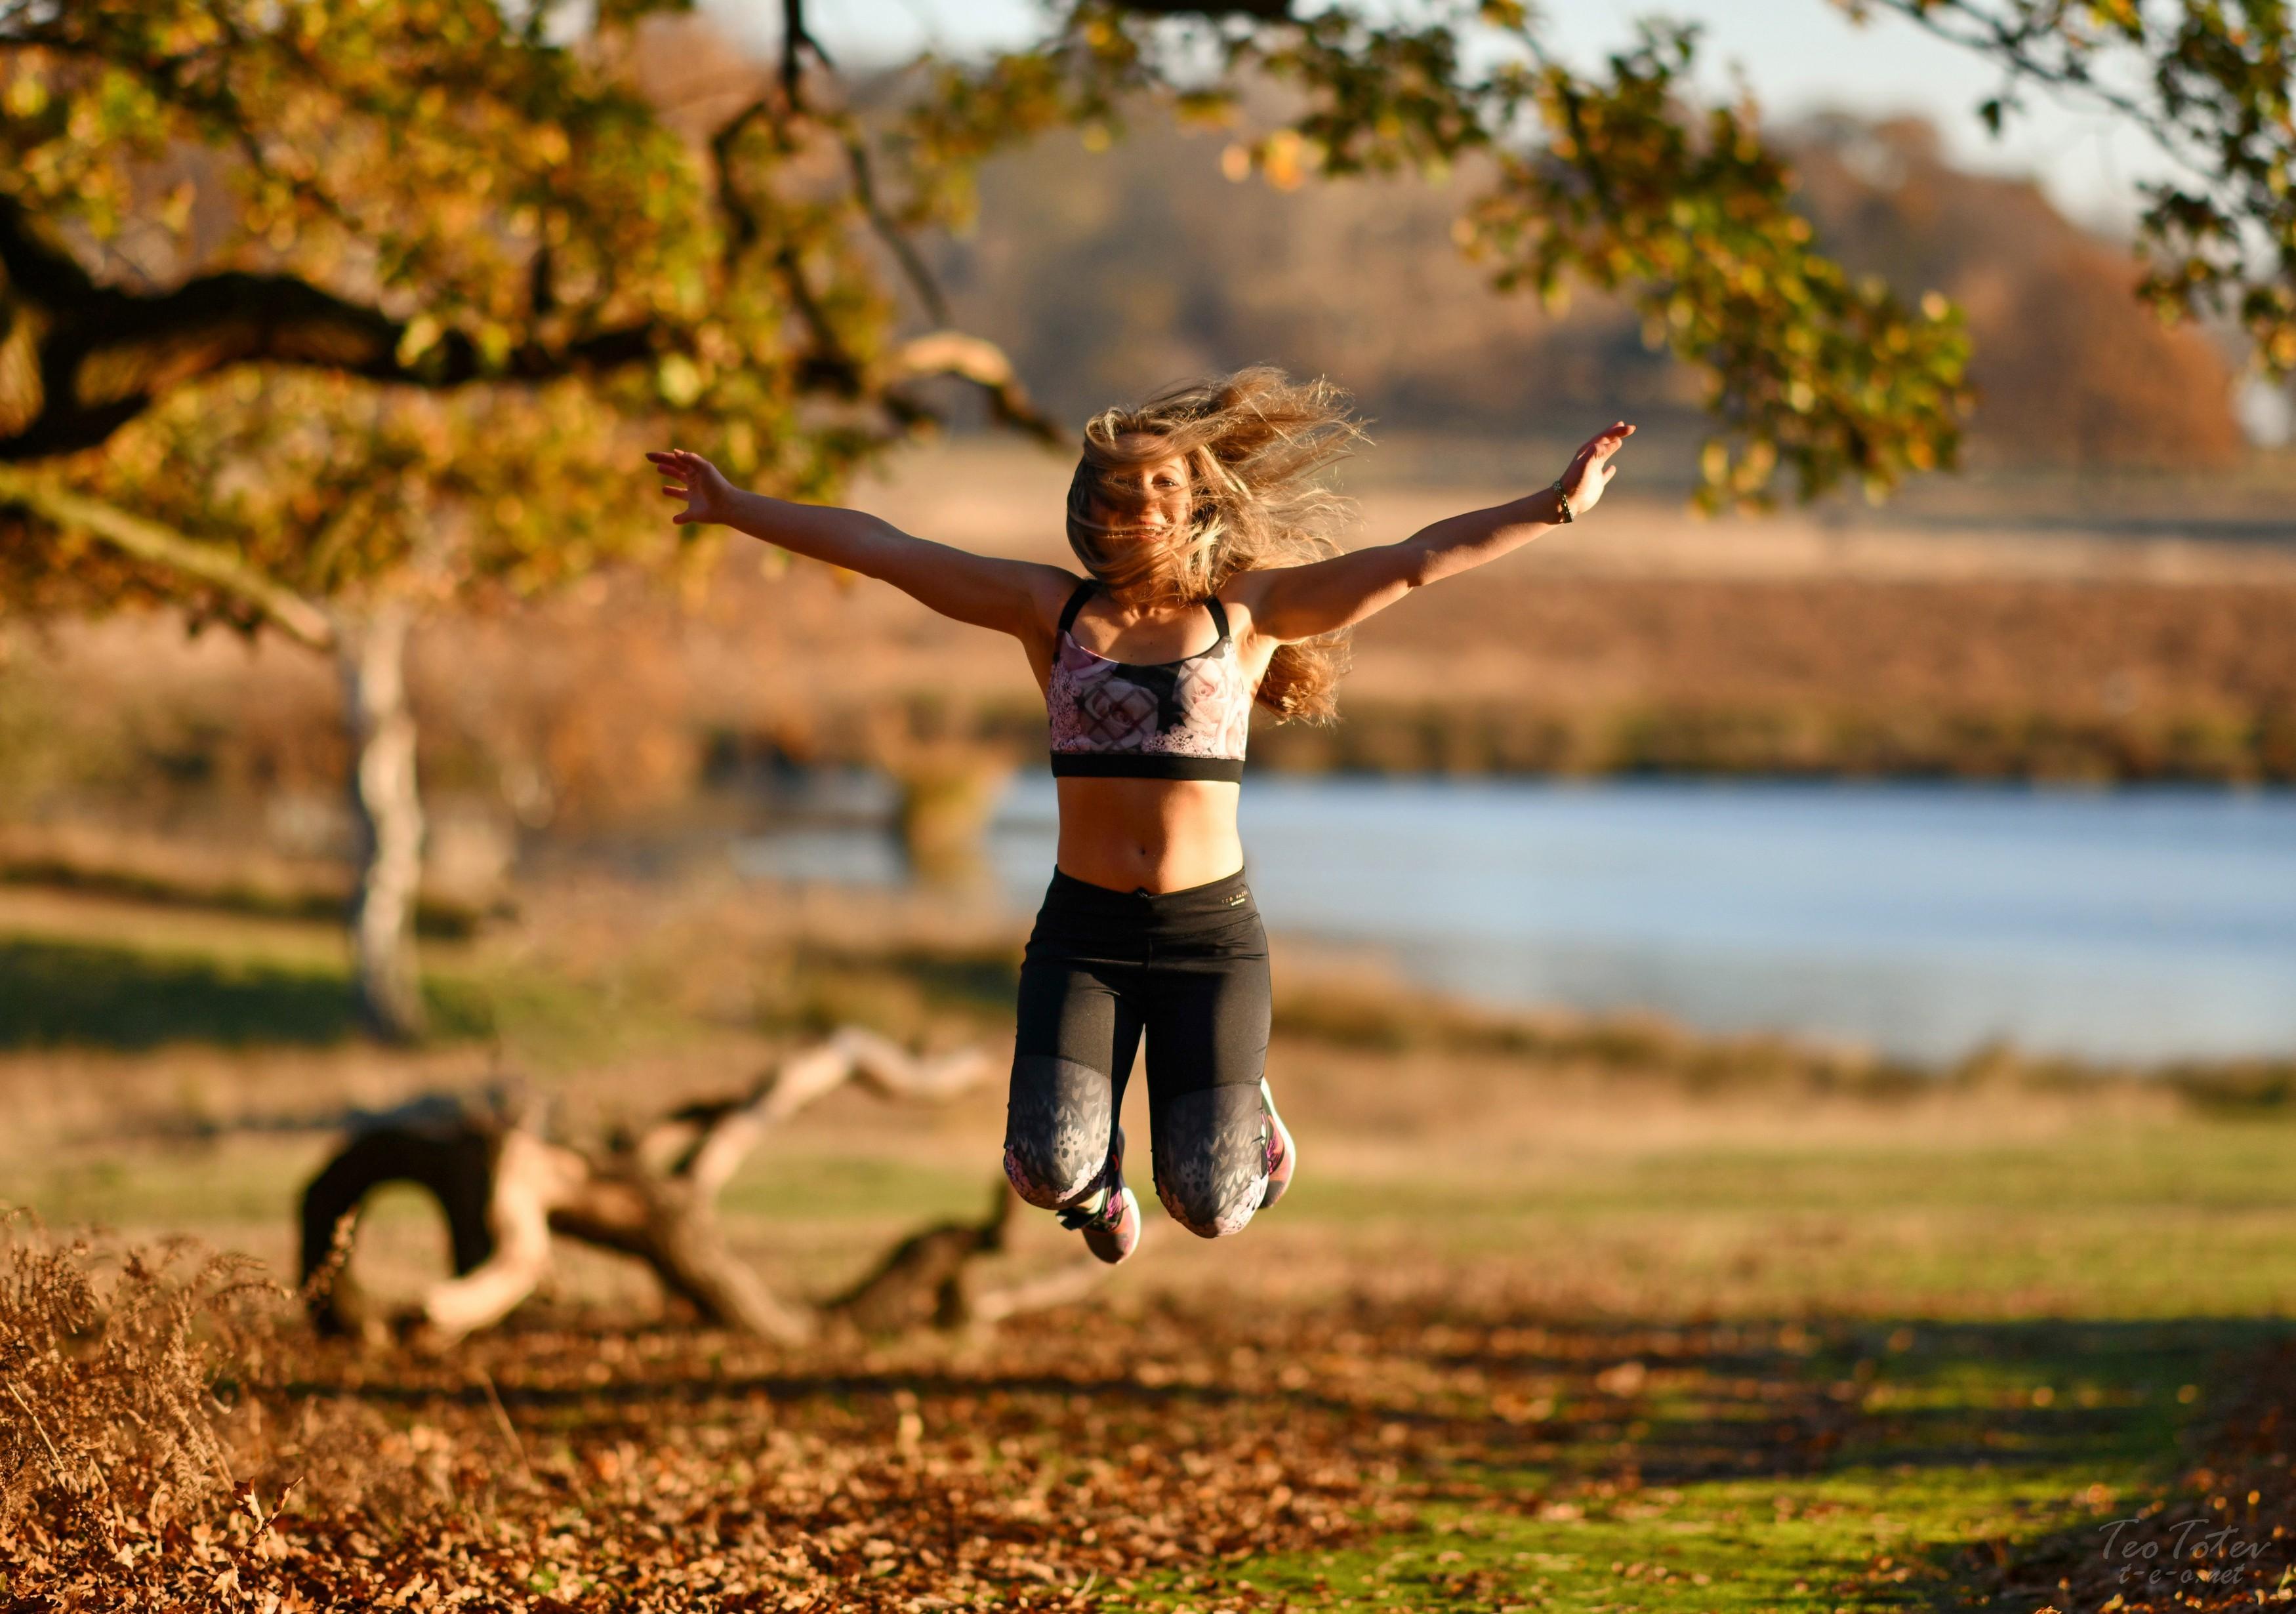 Model Jump outdoor